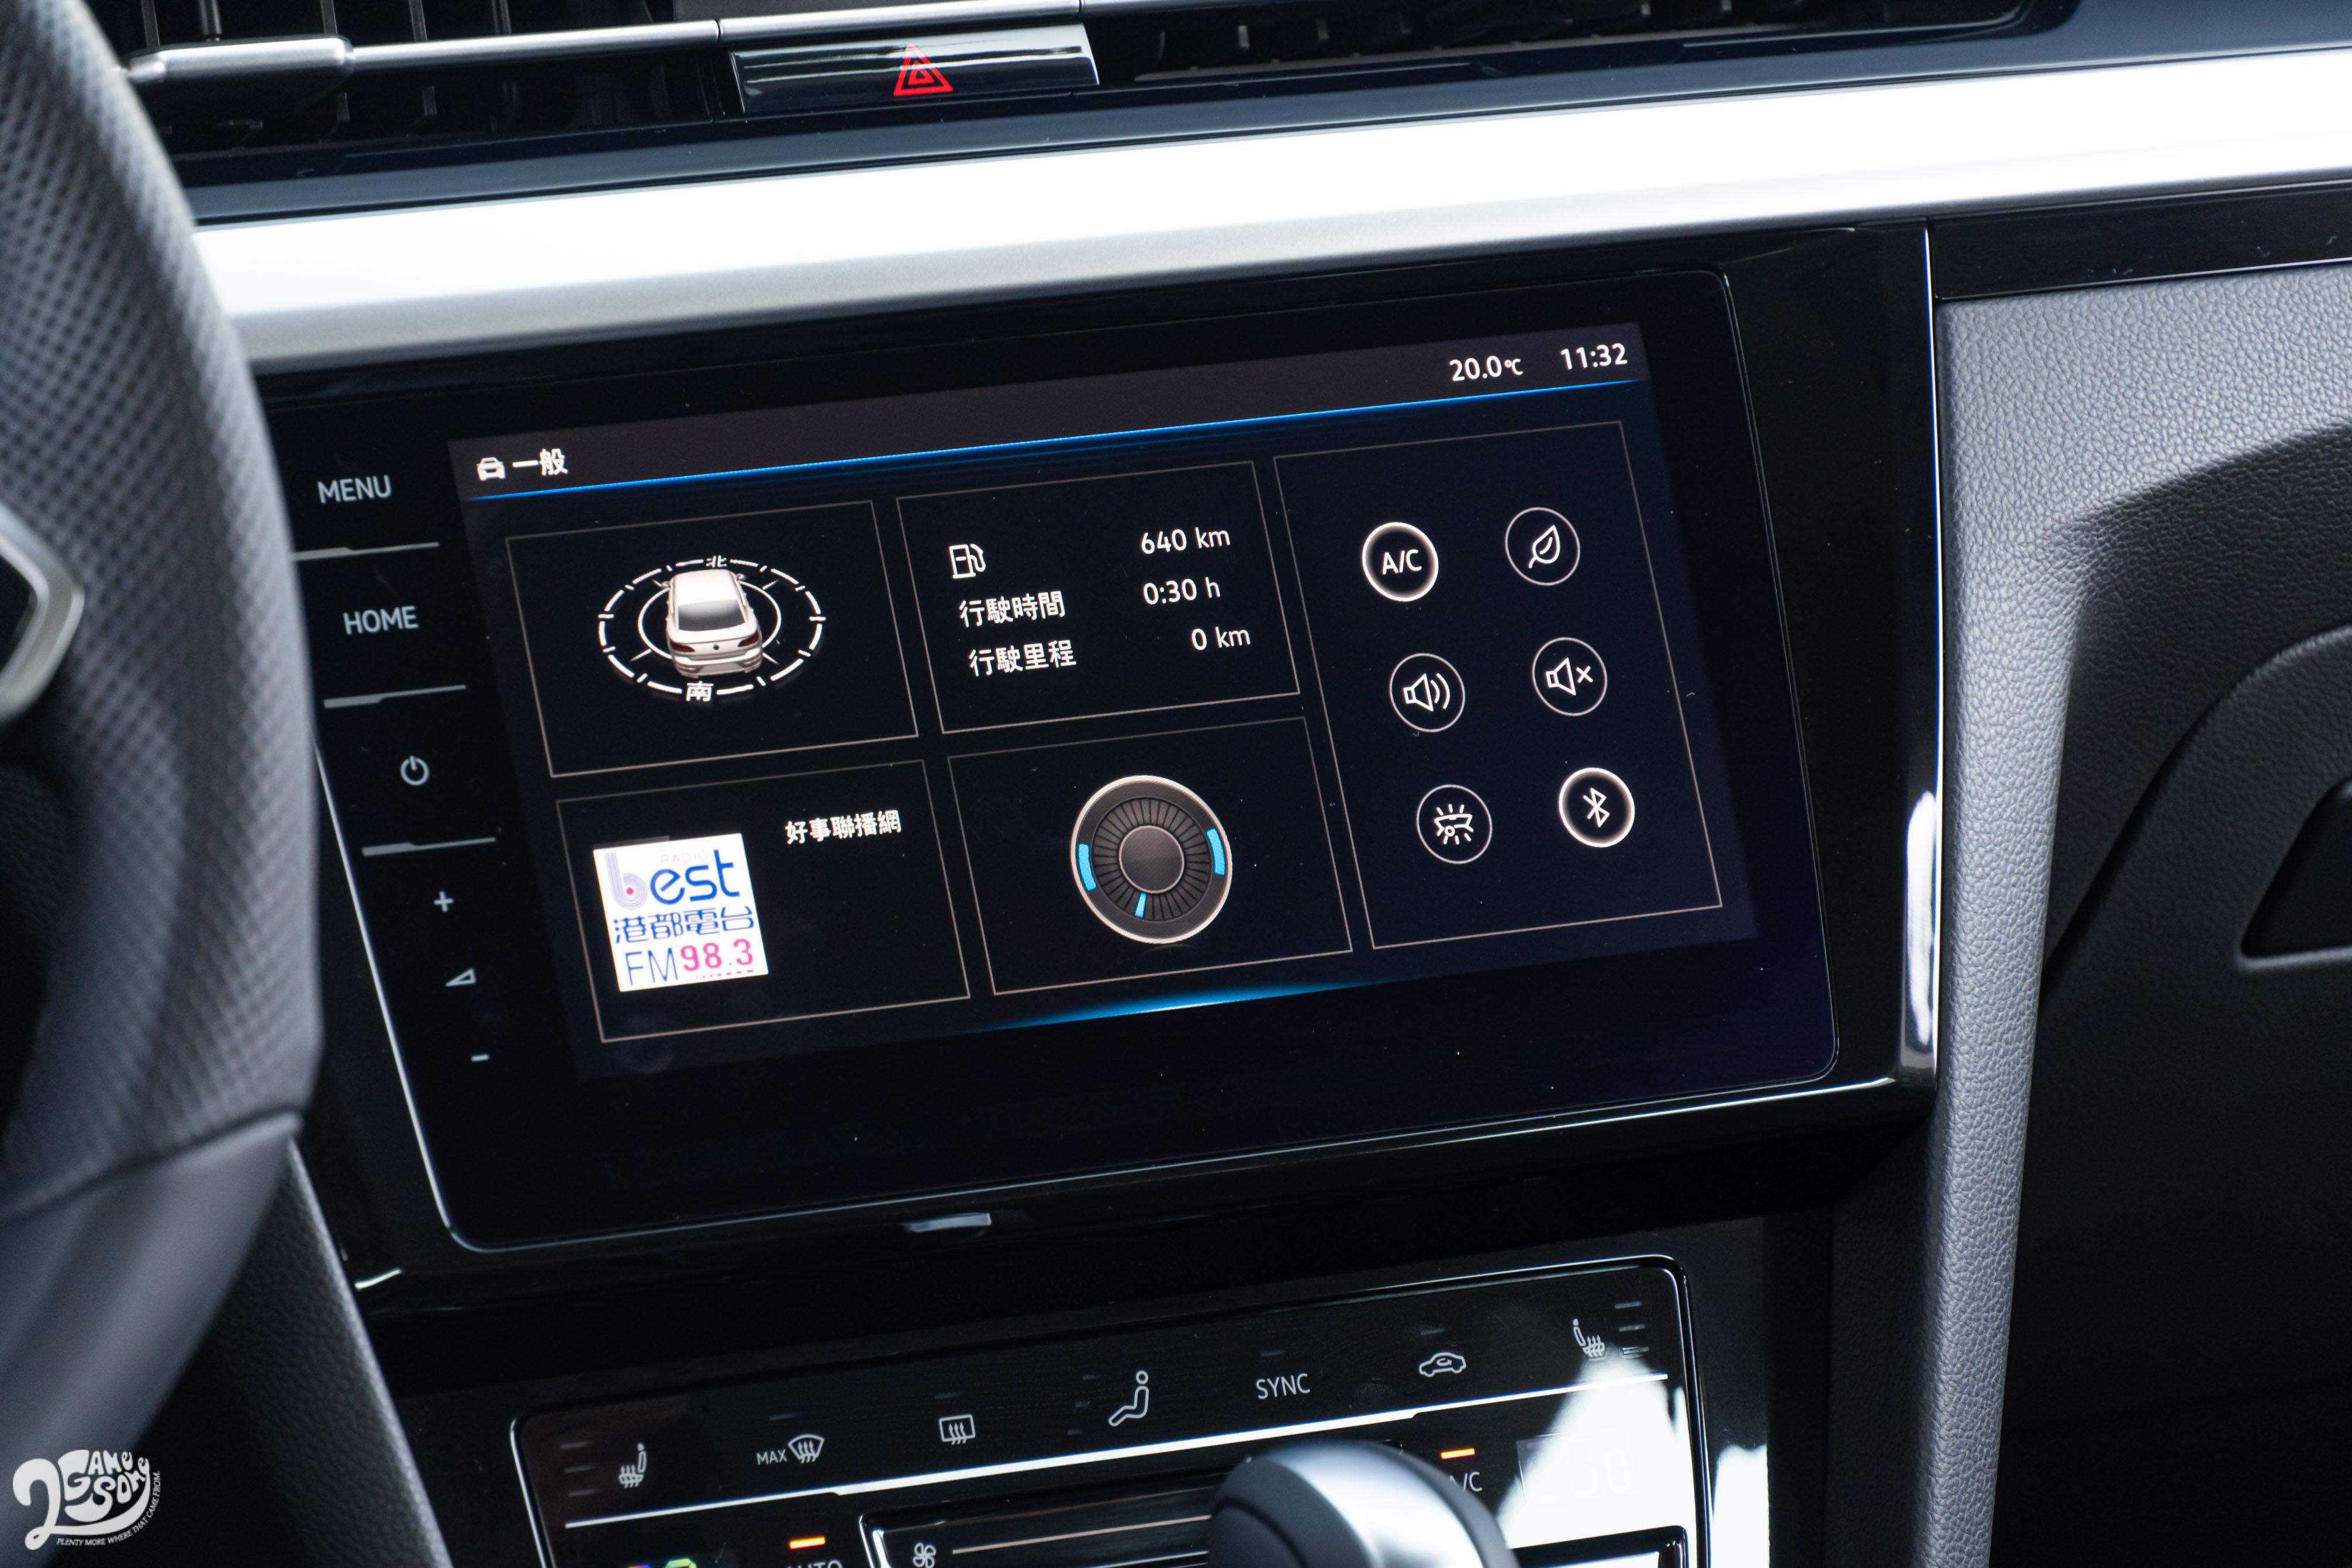 中控台上 9.2 吋螢幕整合最新第三代 MIB多媒體資訊整合系統搭配手勢控制功能,用車便利更上層樓。